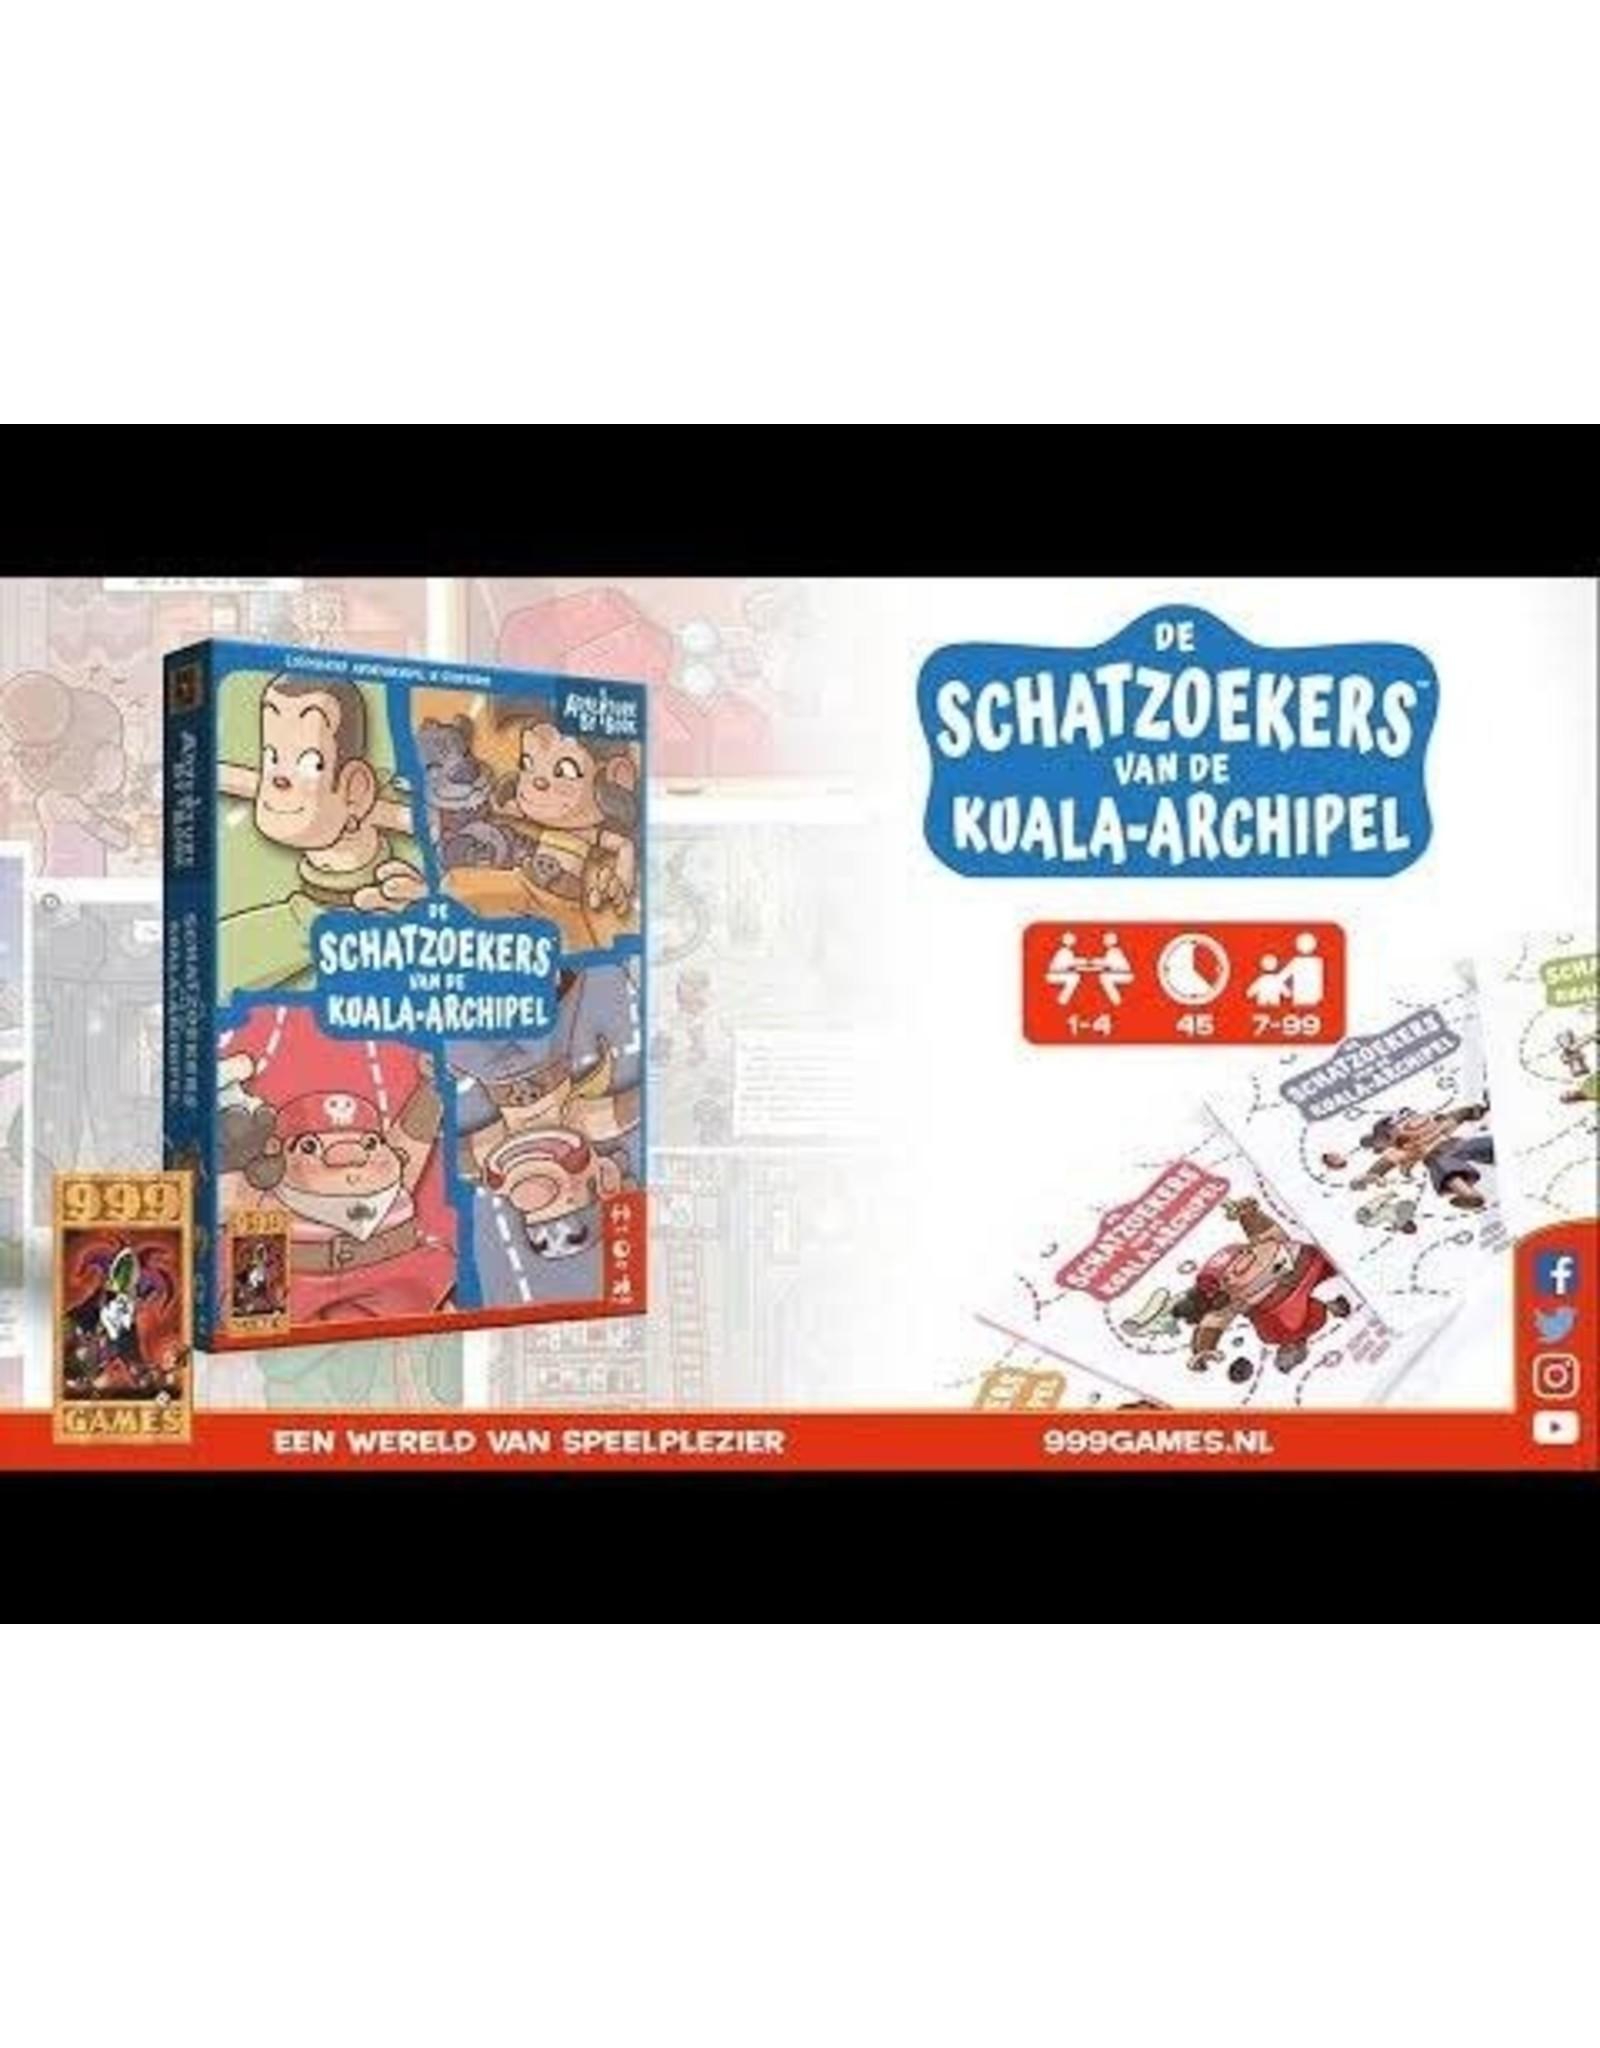 999 Games Adventure by Book - de Schatzoekers van de Kuala-archipel